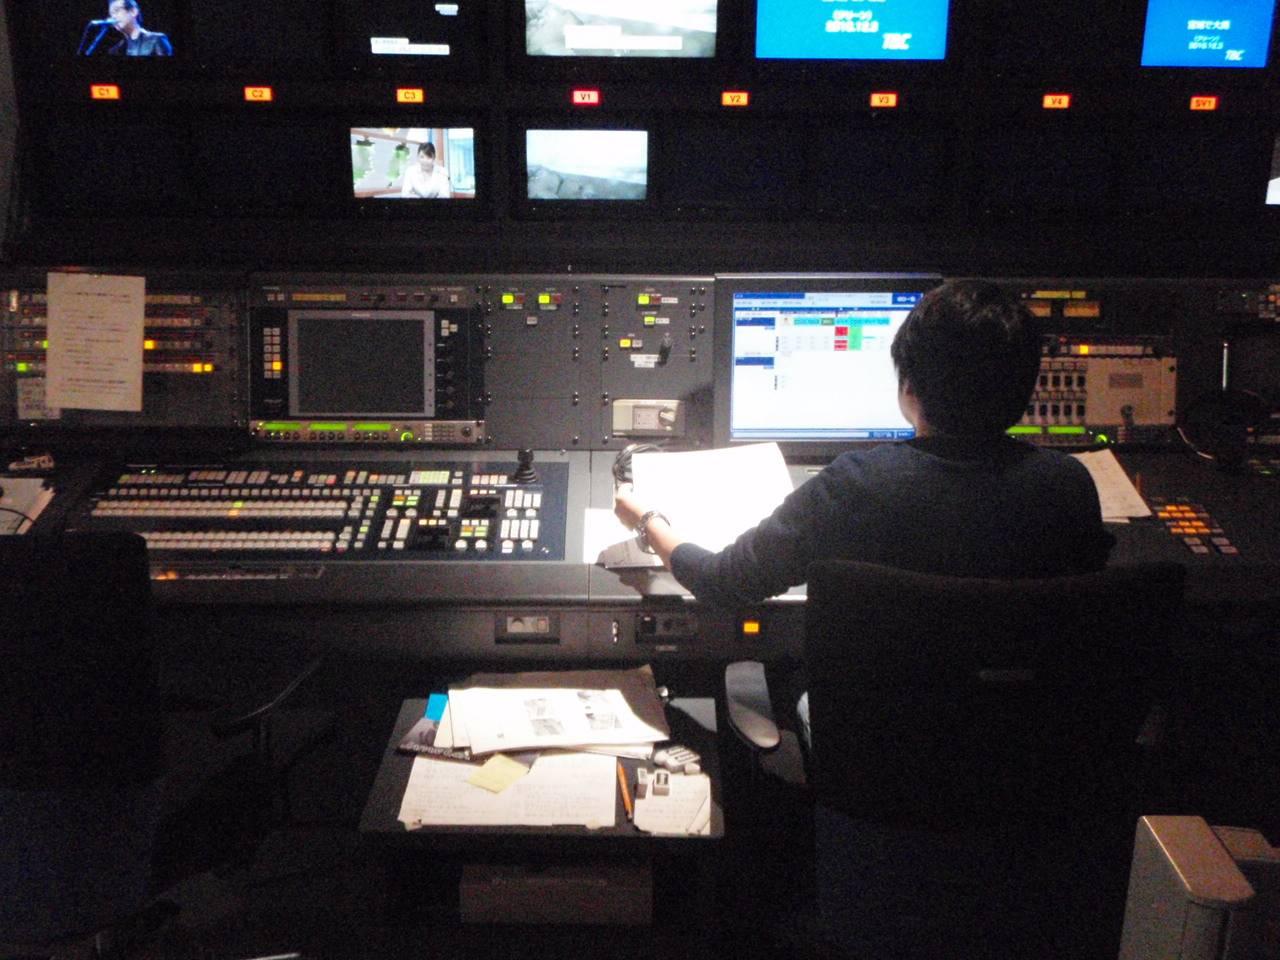 株式会社クロステレビ